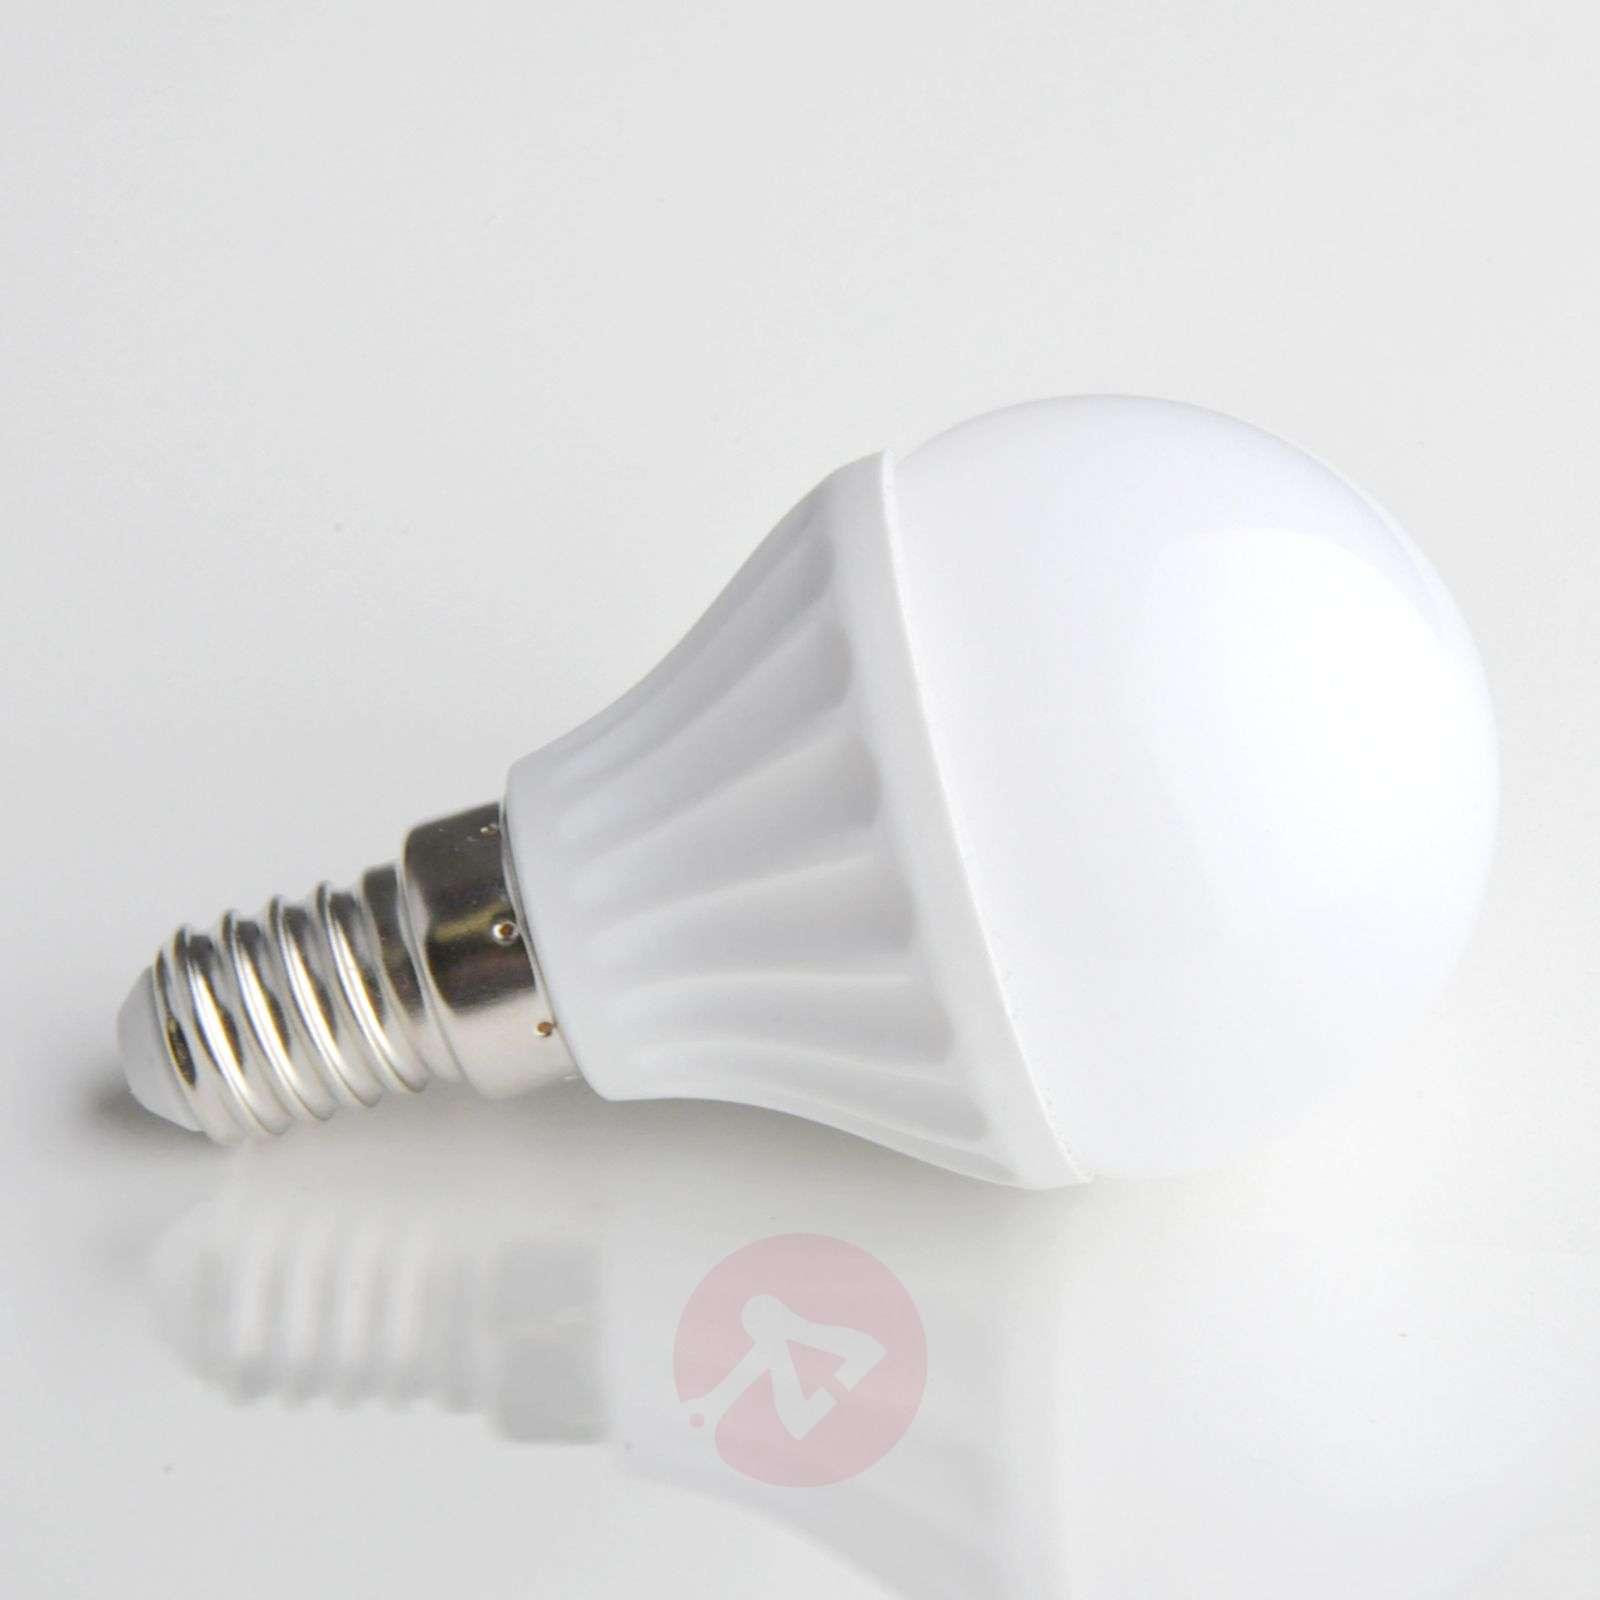 E14 4W 830 LED-lamppu, pisaranmuotoinen, matta-9620007-05